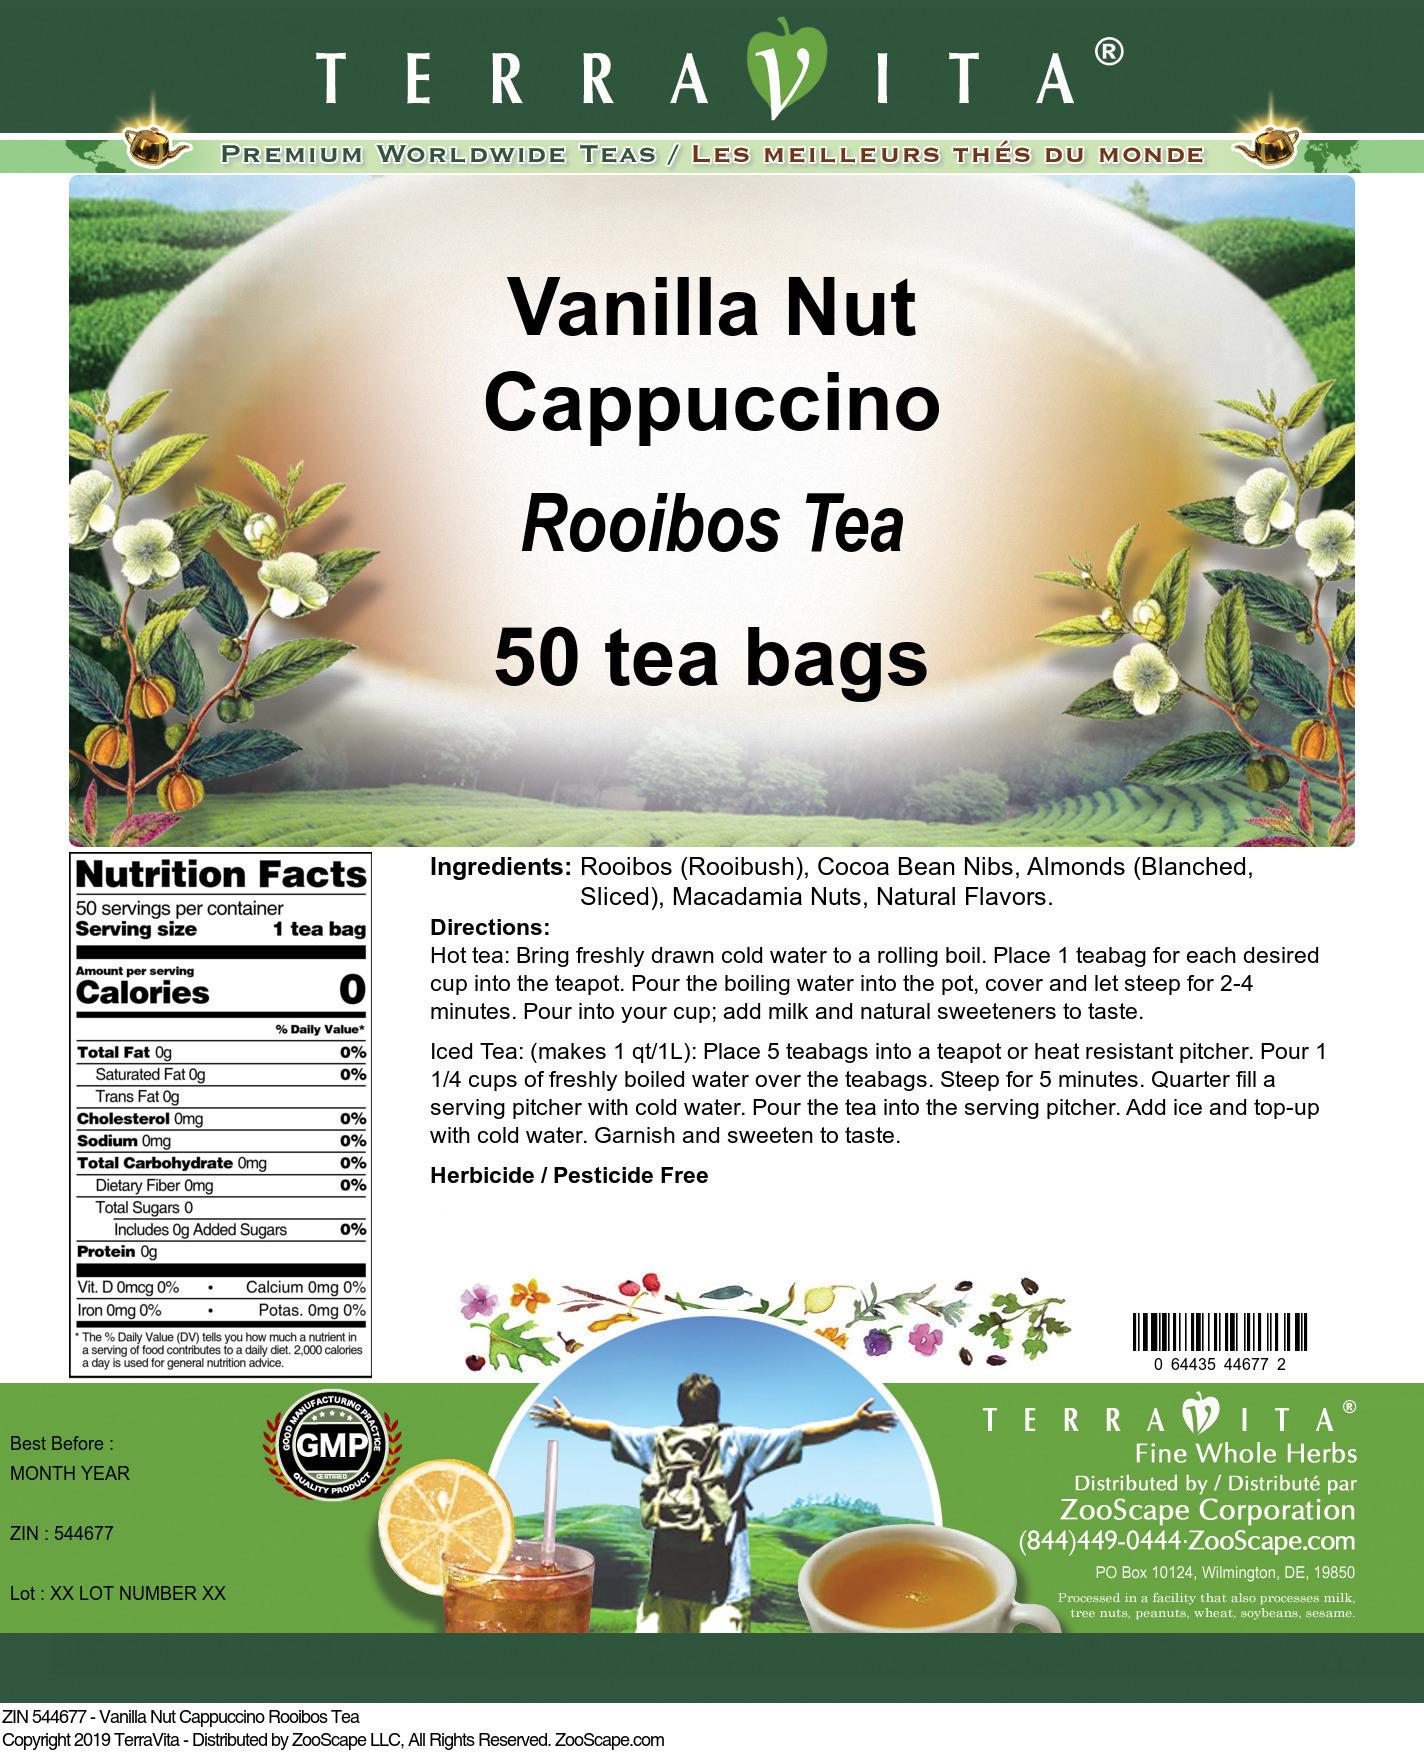 Vanilla Nut Cappuccino Rooibos Tea